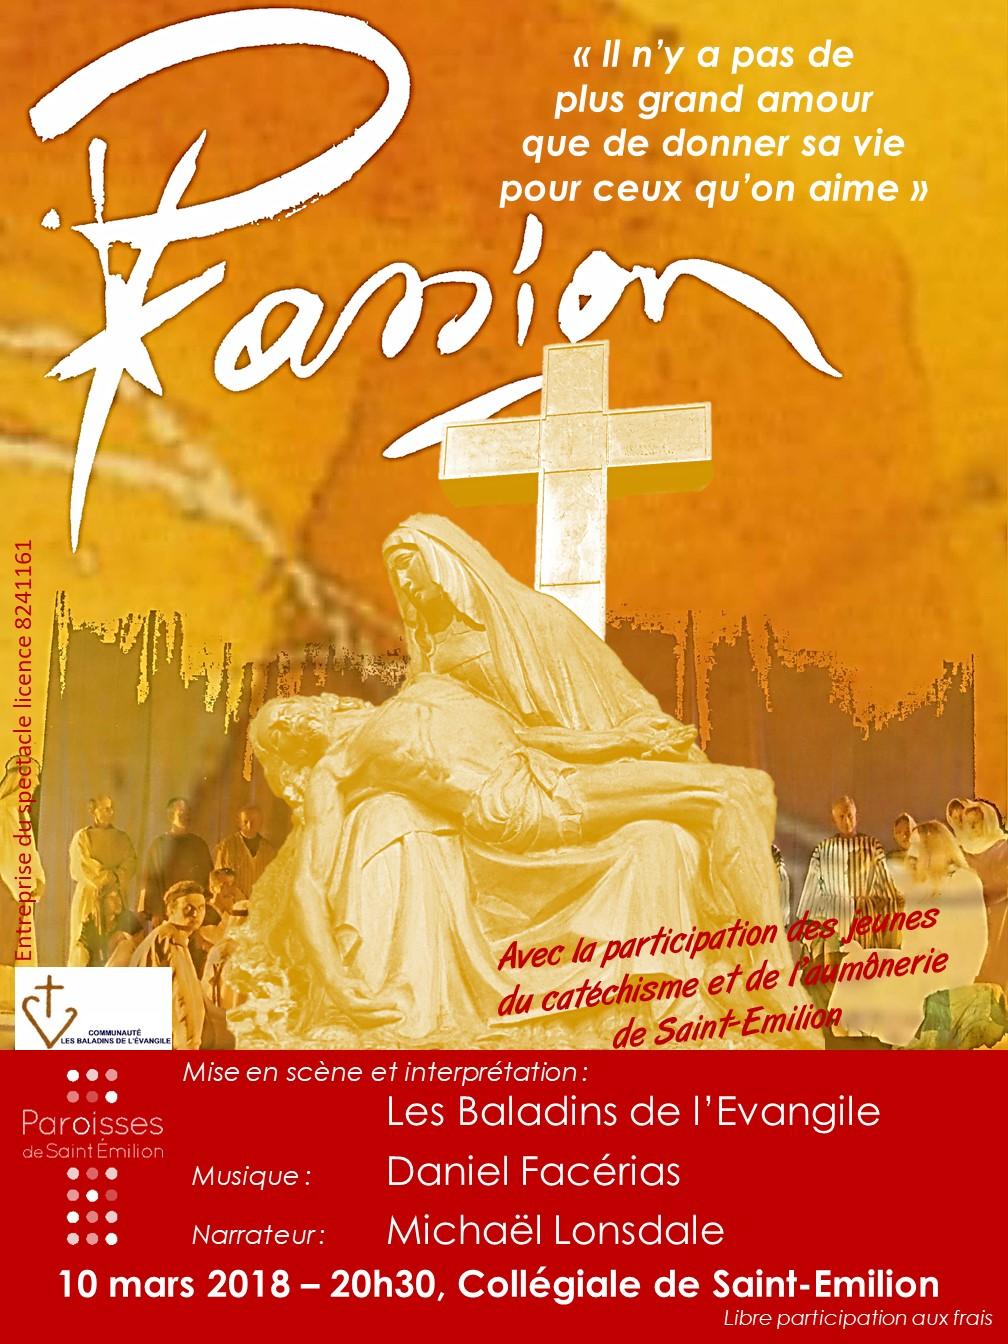 Spectacle d'évangélisation sur la Passion du Christ, à Saint-Emilion (33) le 10 mars 2018